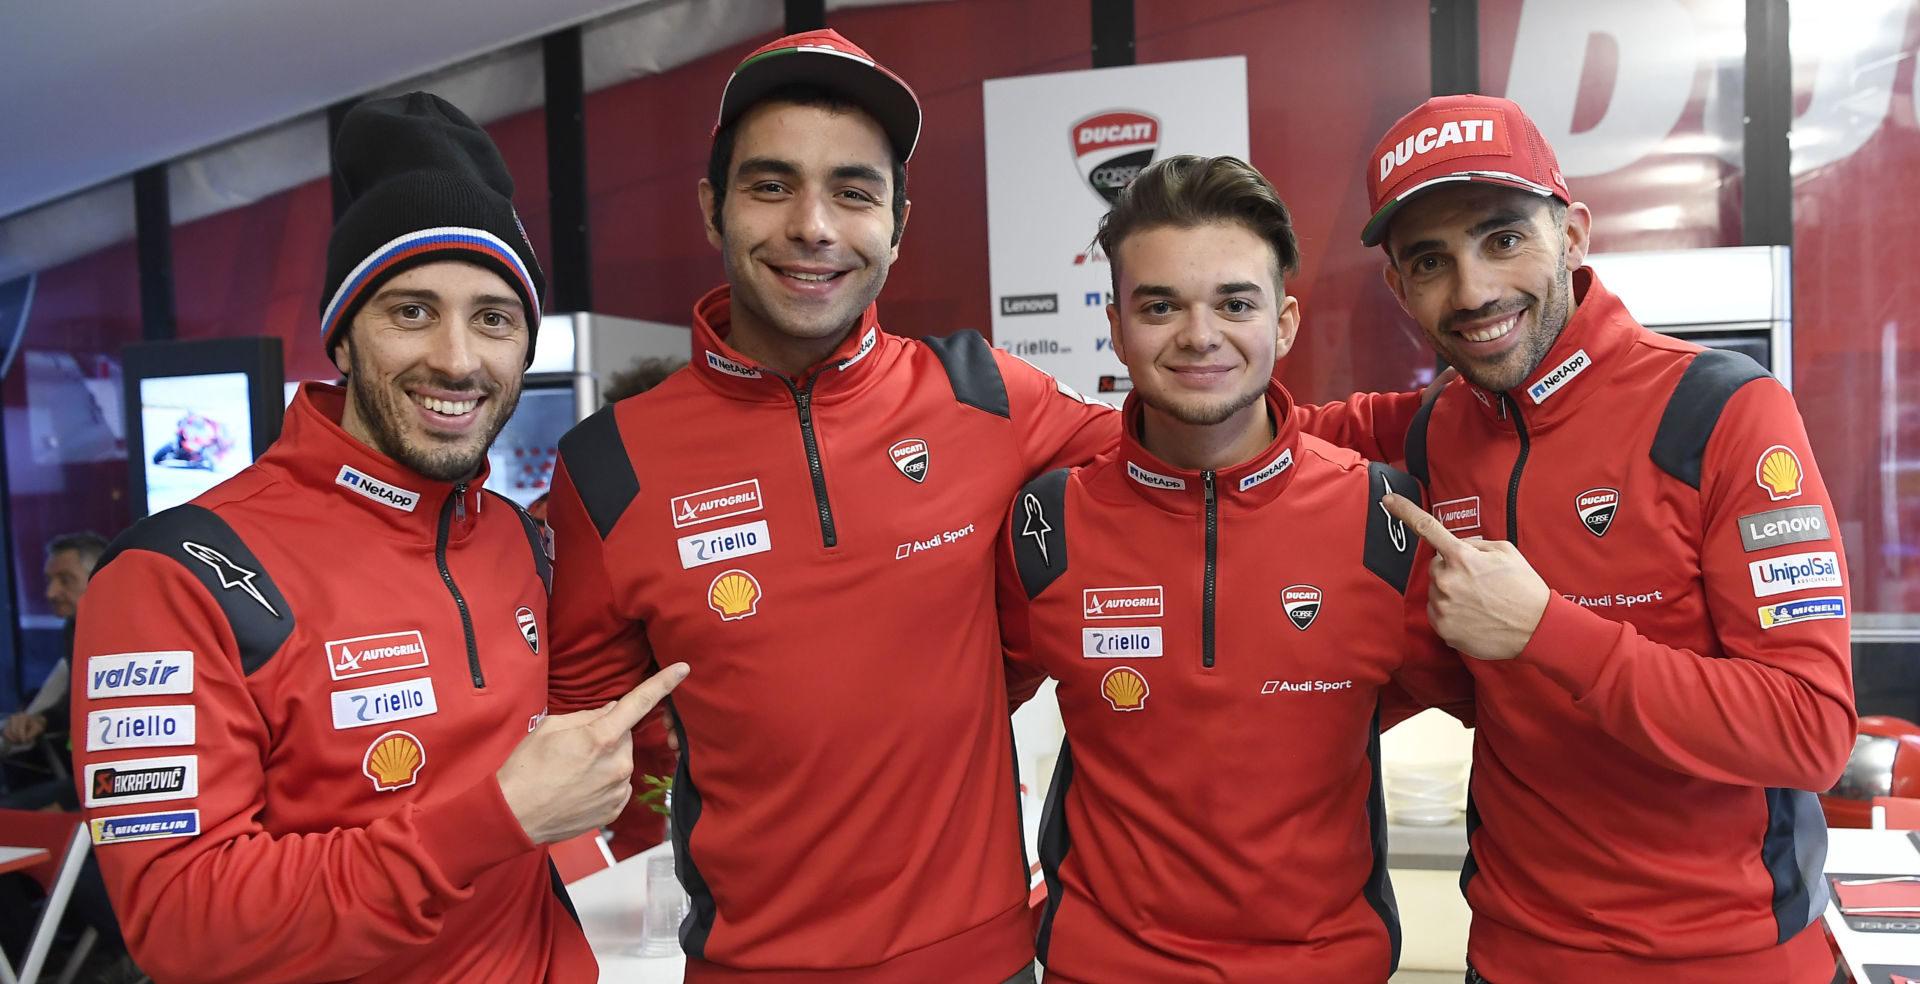 Andrea Saveri (second from right) with Andrea Dovizioso (far left), Danilo Petrucci (second from left), and Michele Pirro (far right). Photo courtesy of Ducati Corse.